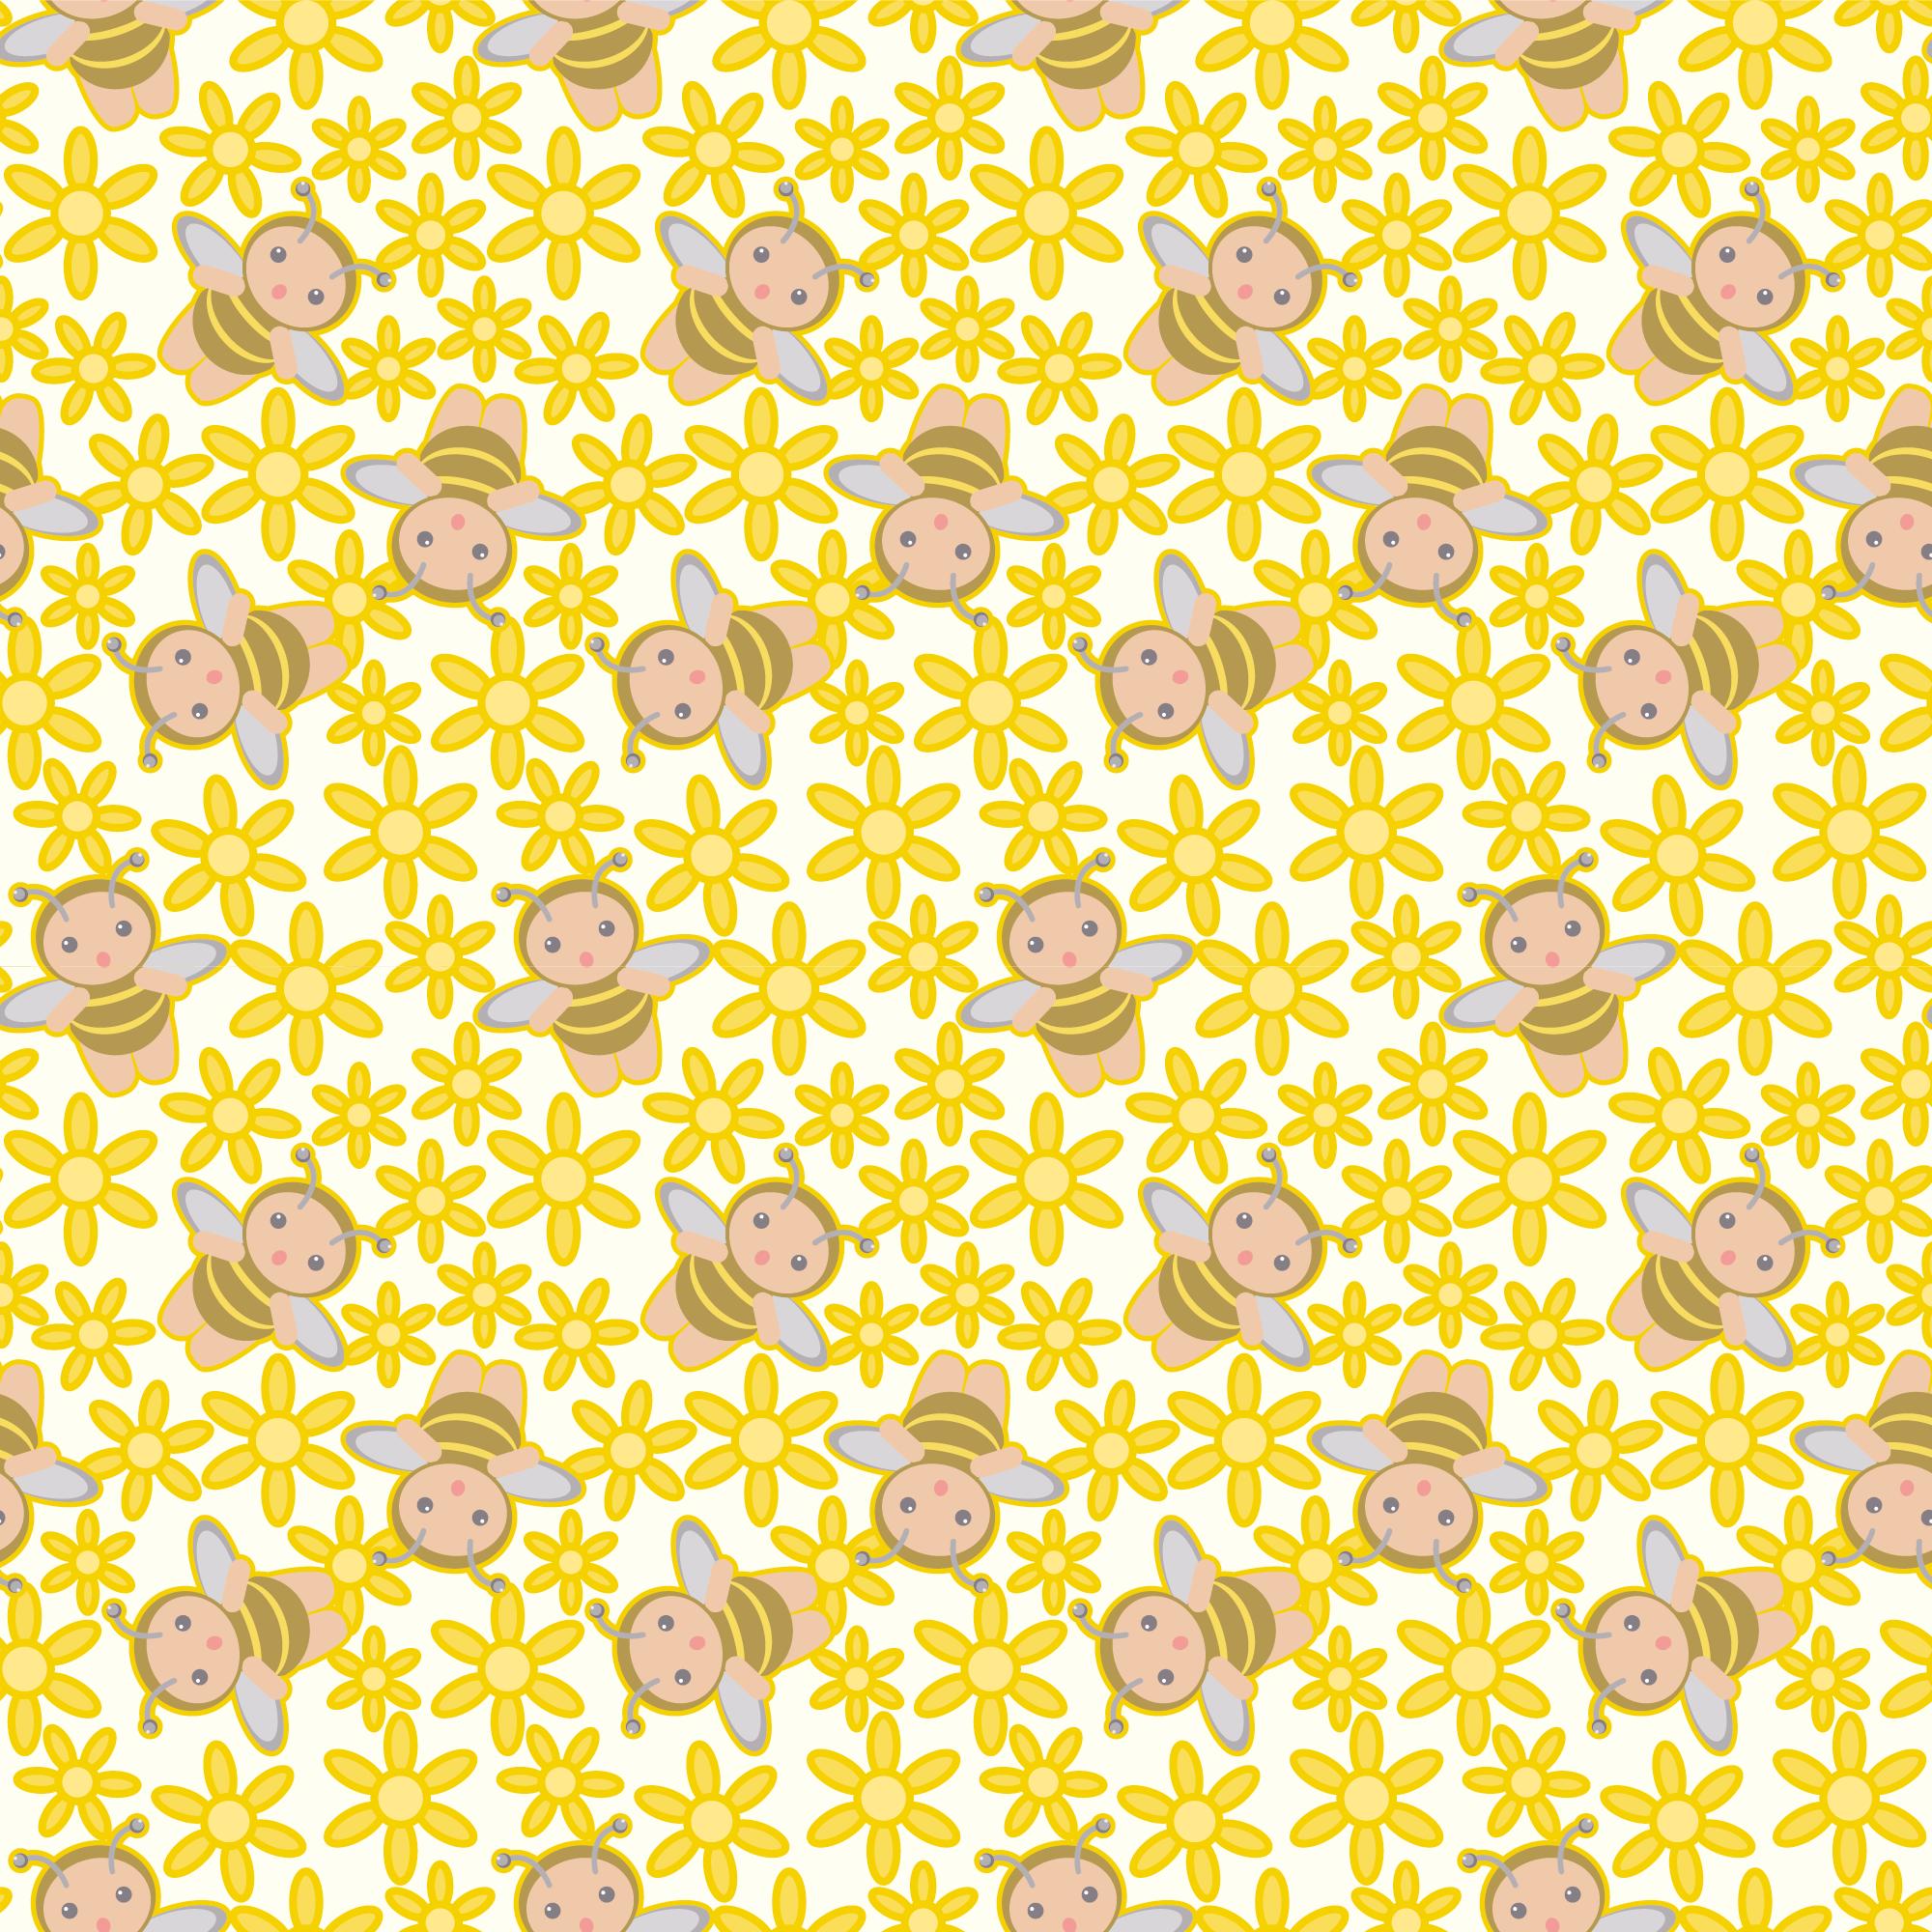 春のイラストno 180 壁紙 花とミツバチ 無料のフリー素材集